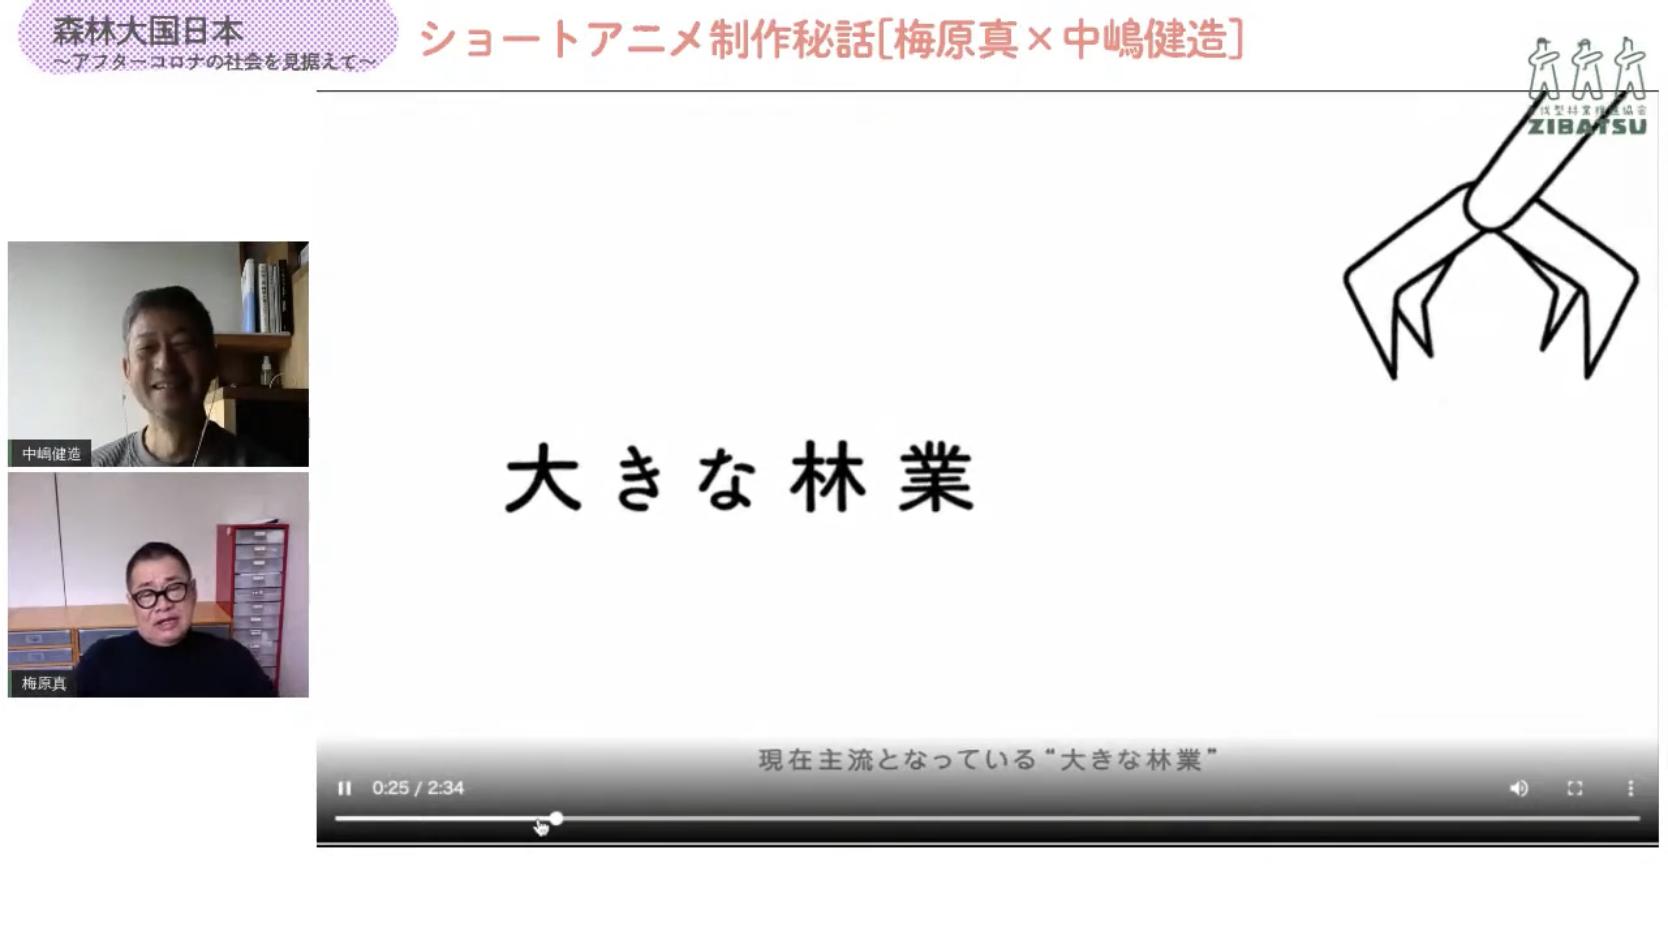 アニメ「200年後の森」を公開!